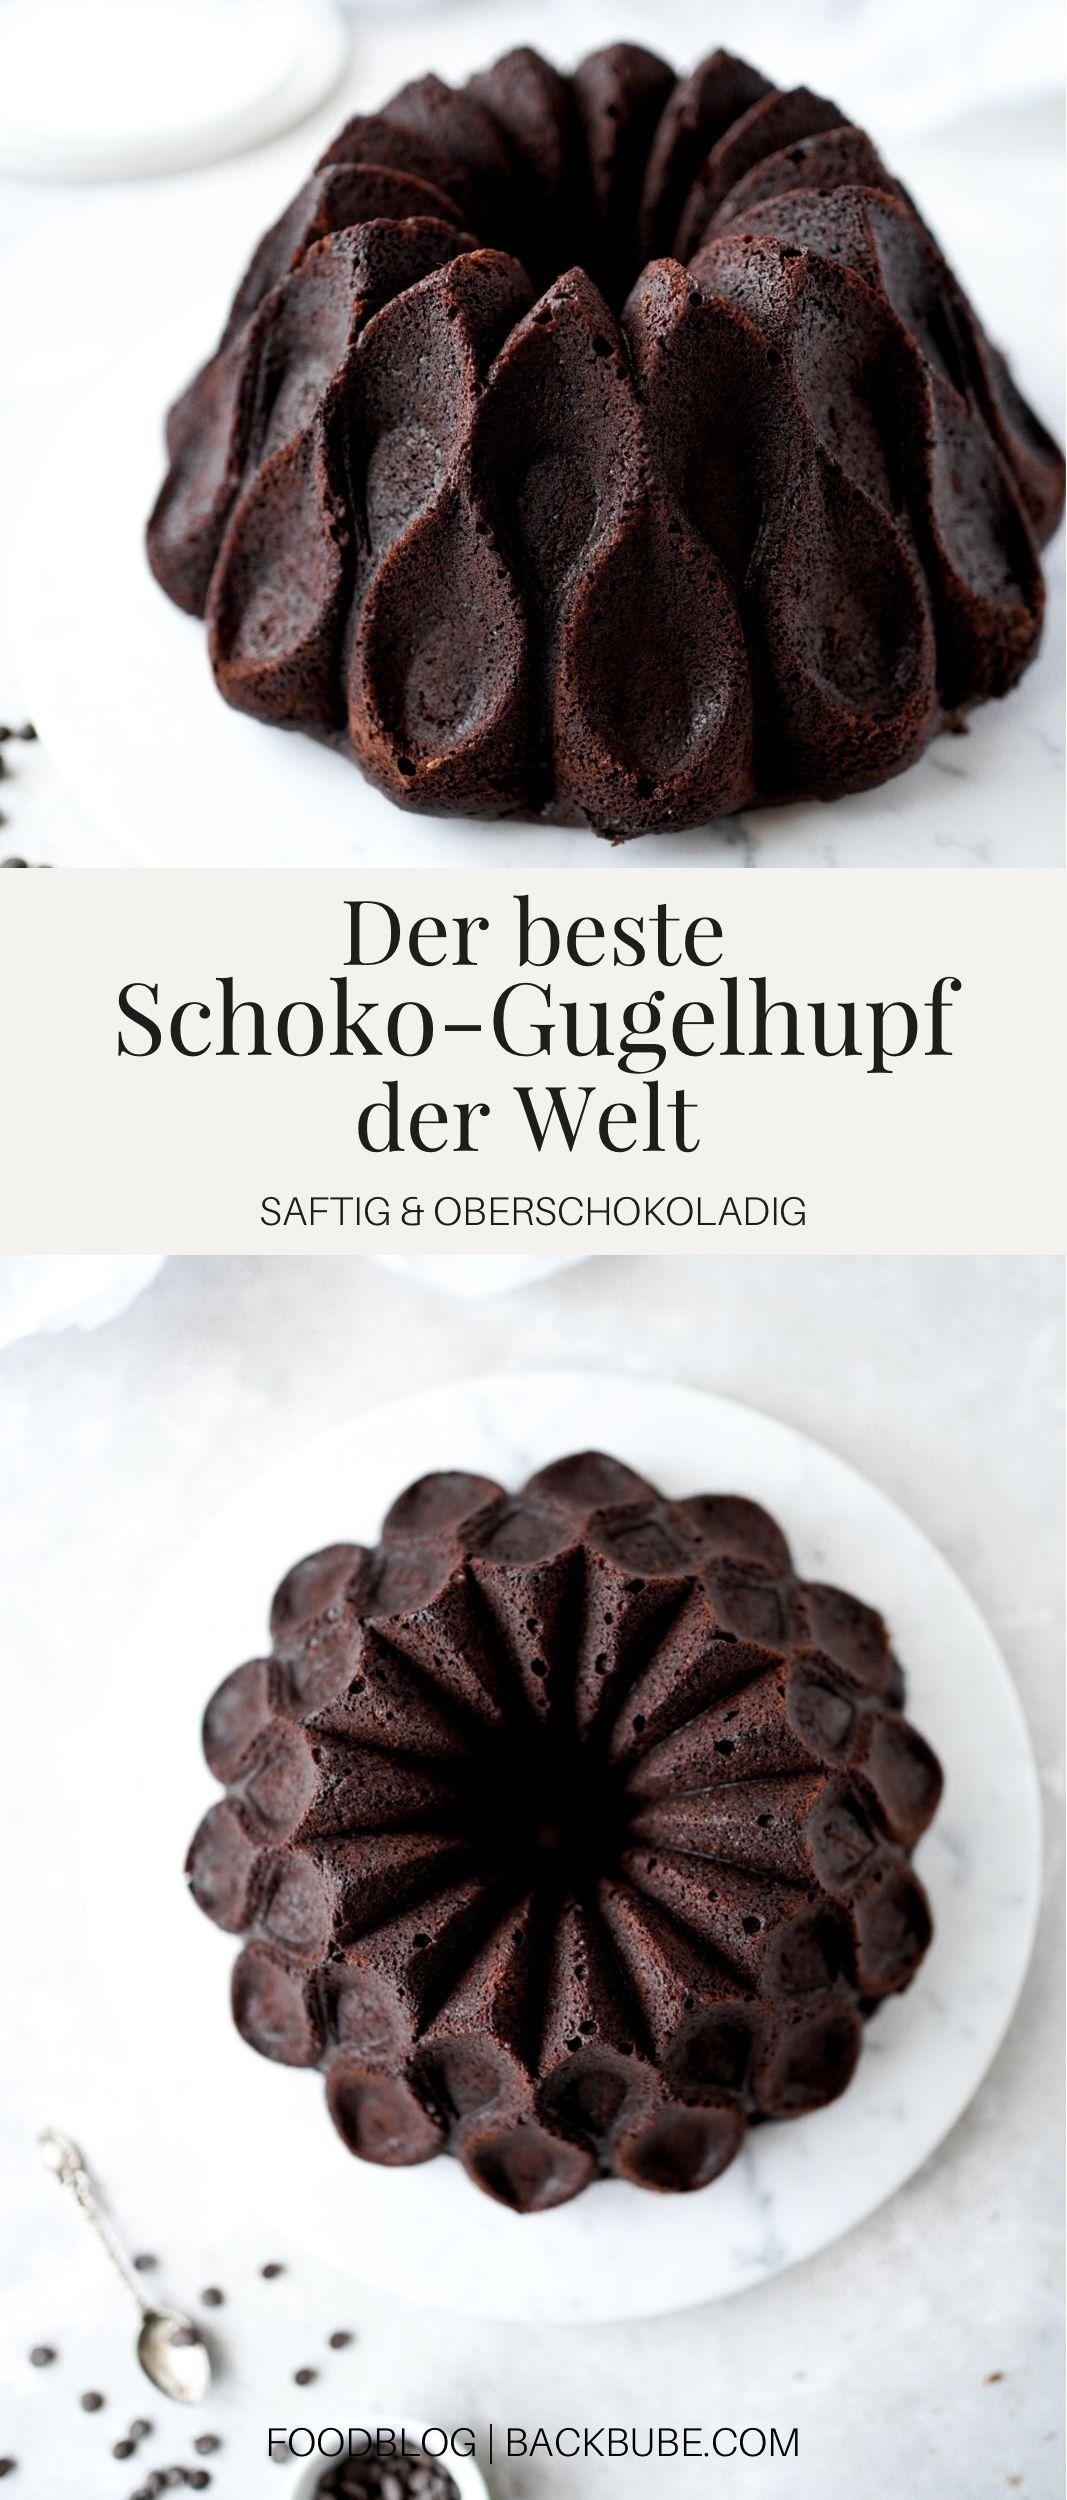 Photo of Der beste Schokoladen-Gugelhupf der Welt — Backbube